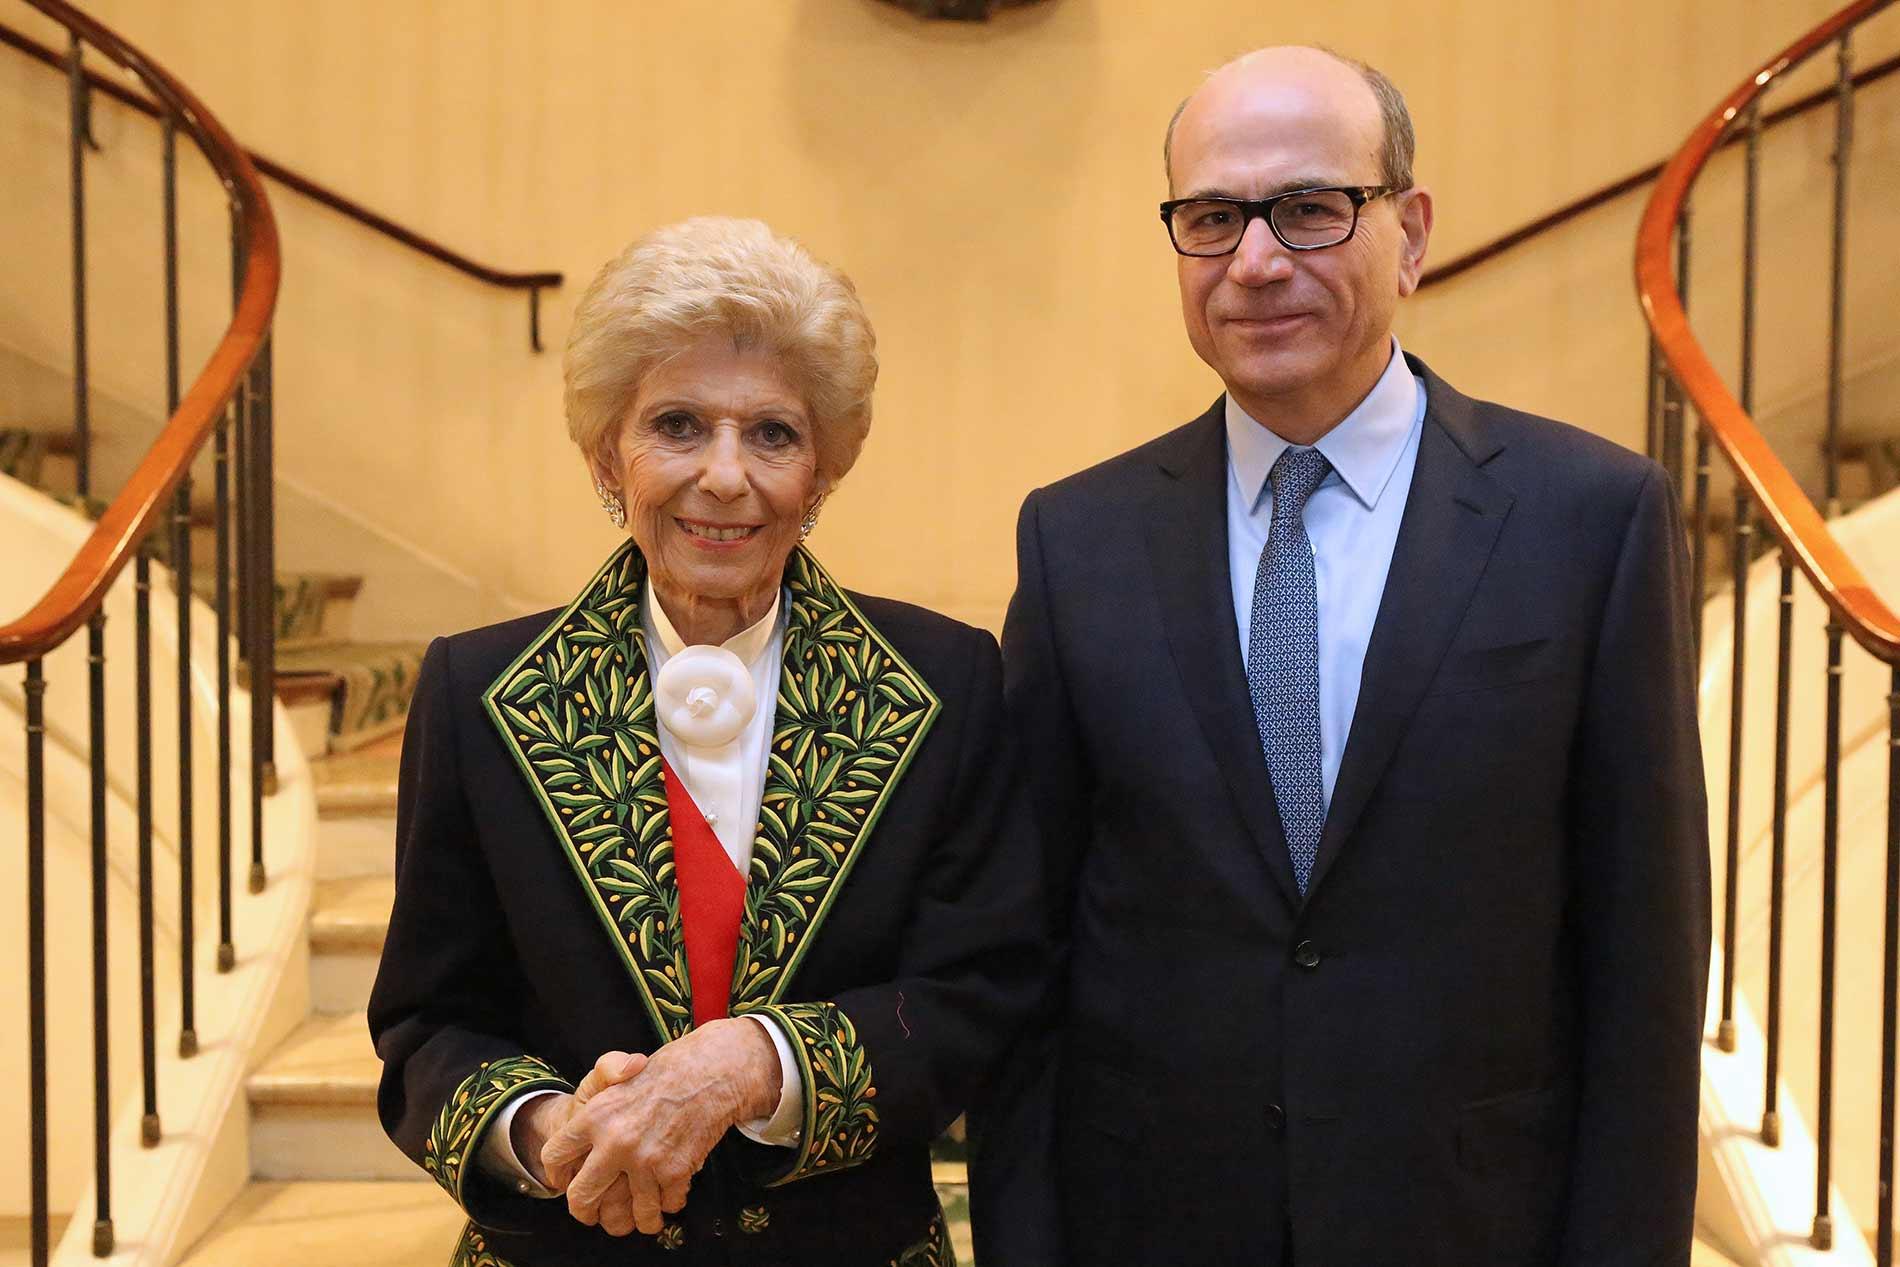 Remise de la Grande médaille de la Francophonie au Dr François Boustani